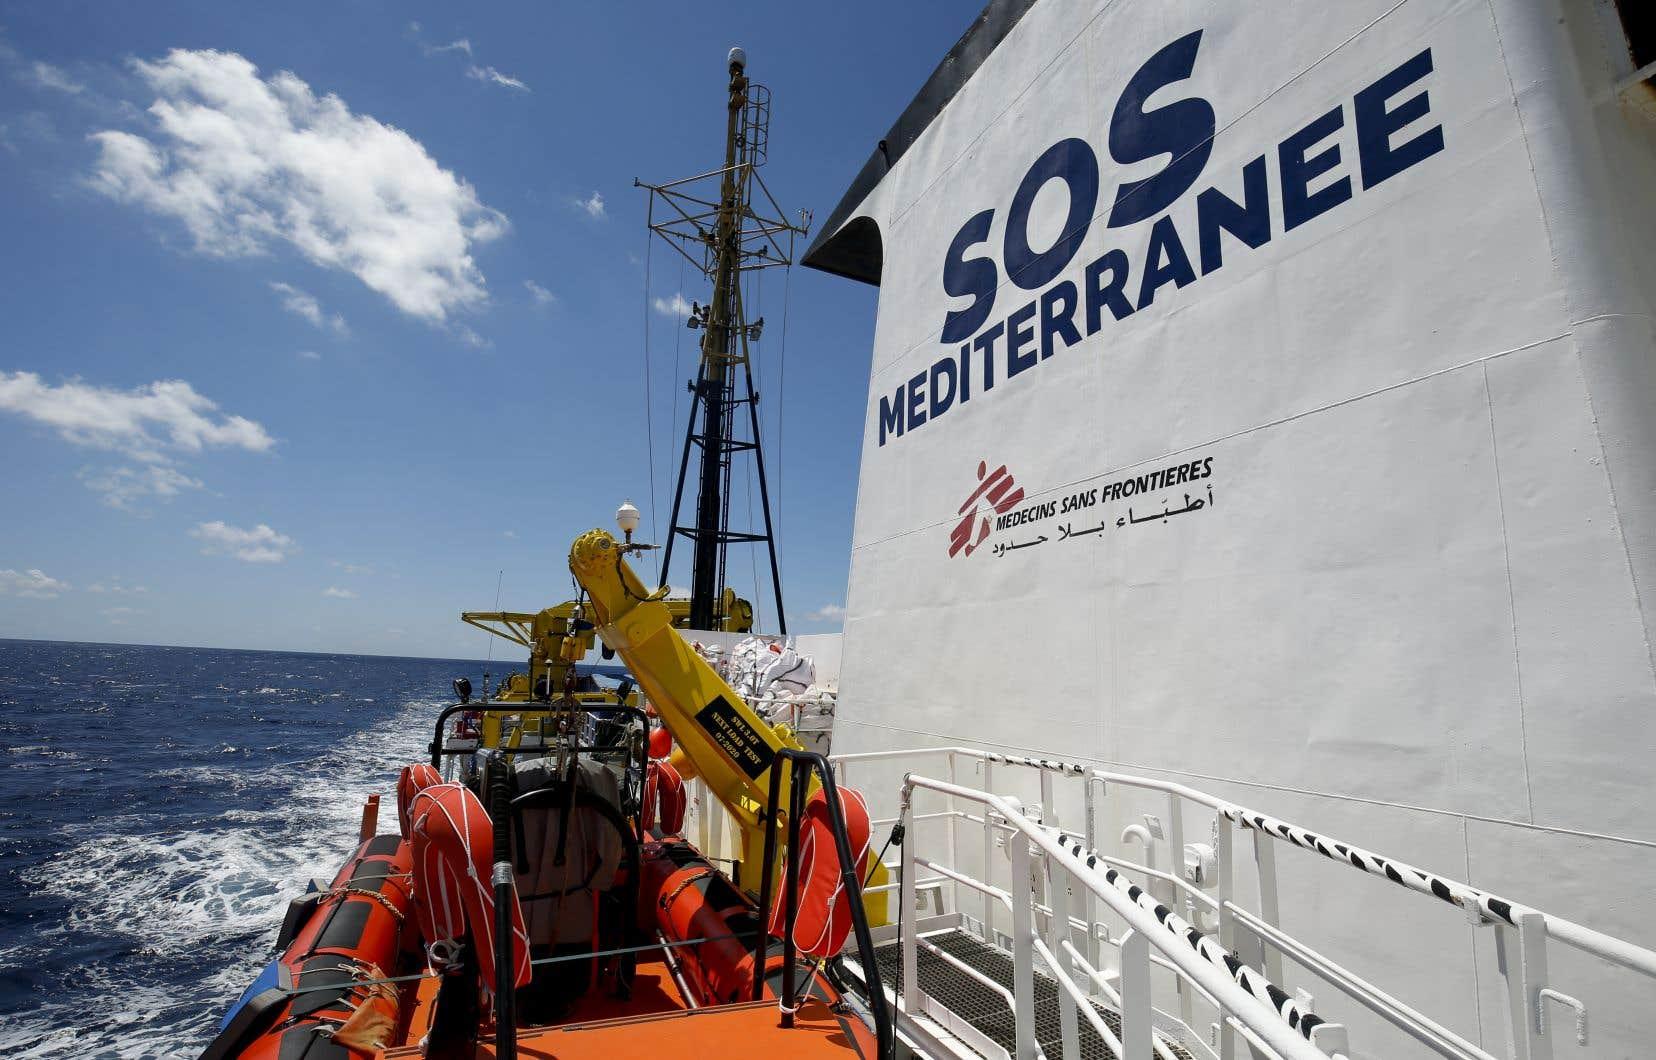 Le bateau va patrouiller en Méditerranée centrale, là d'où provient le plus grand nombre d'appels de détresse, mais sans jamais entrer dans les eaux territoriales libyennes.